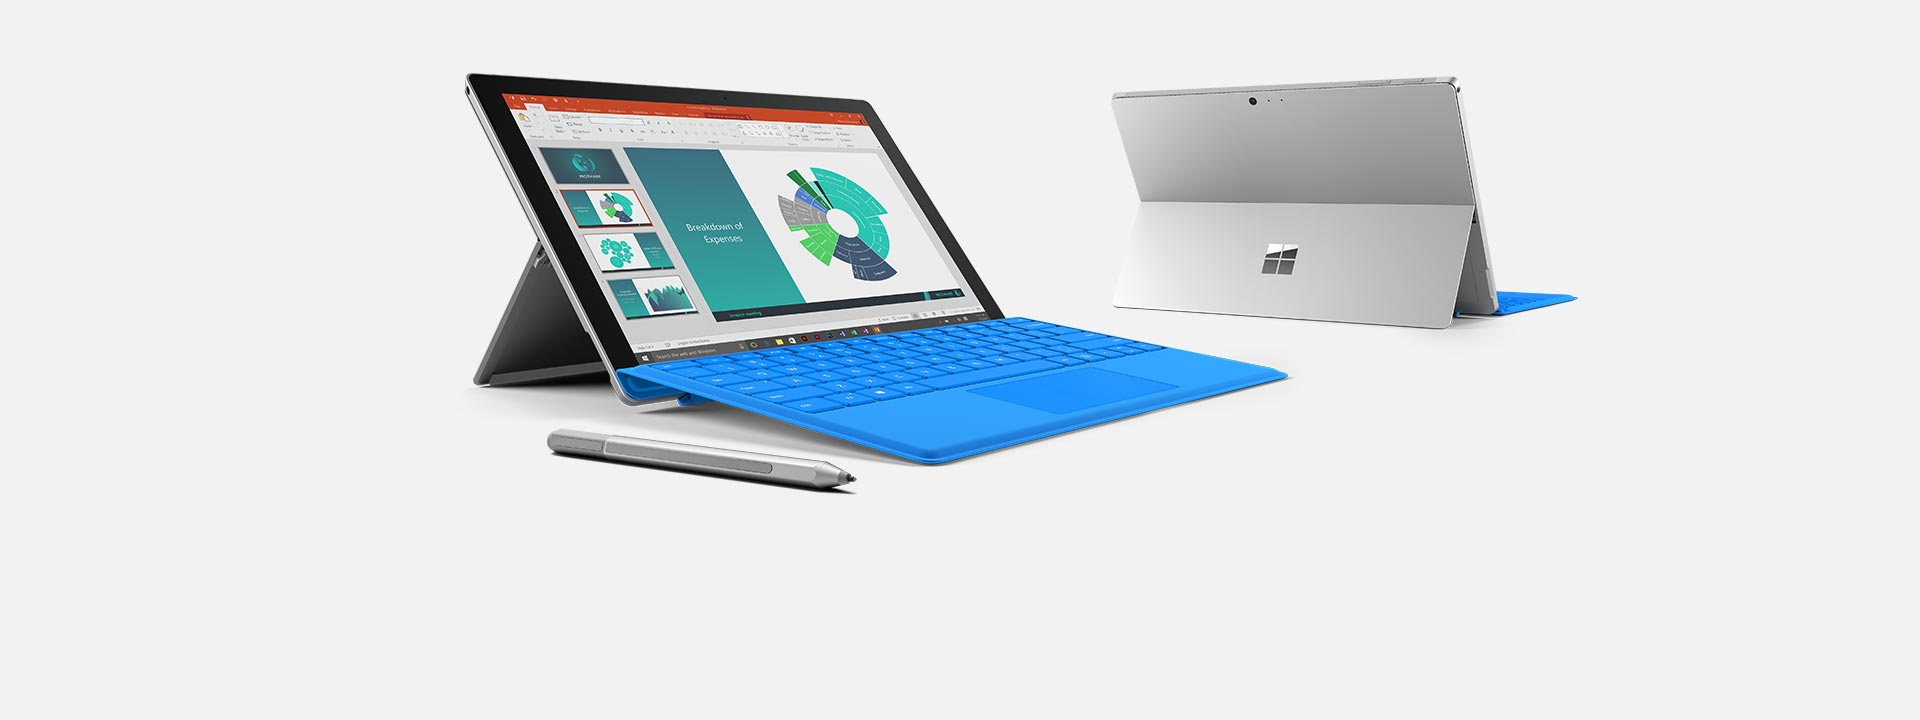 Surface Pro 4 -laitteita, lue niistä lisätietoja